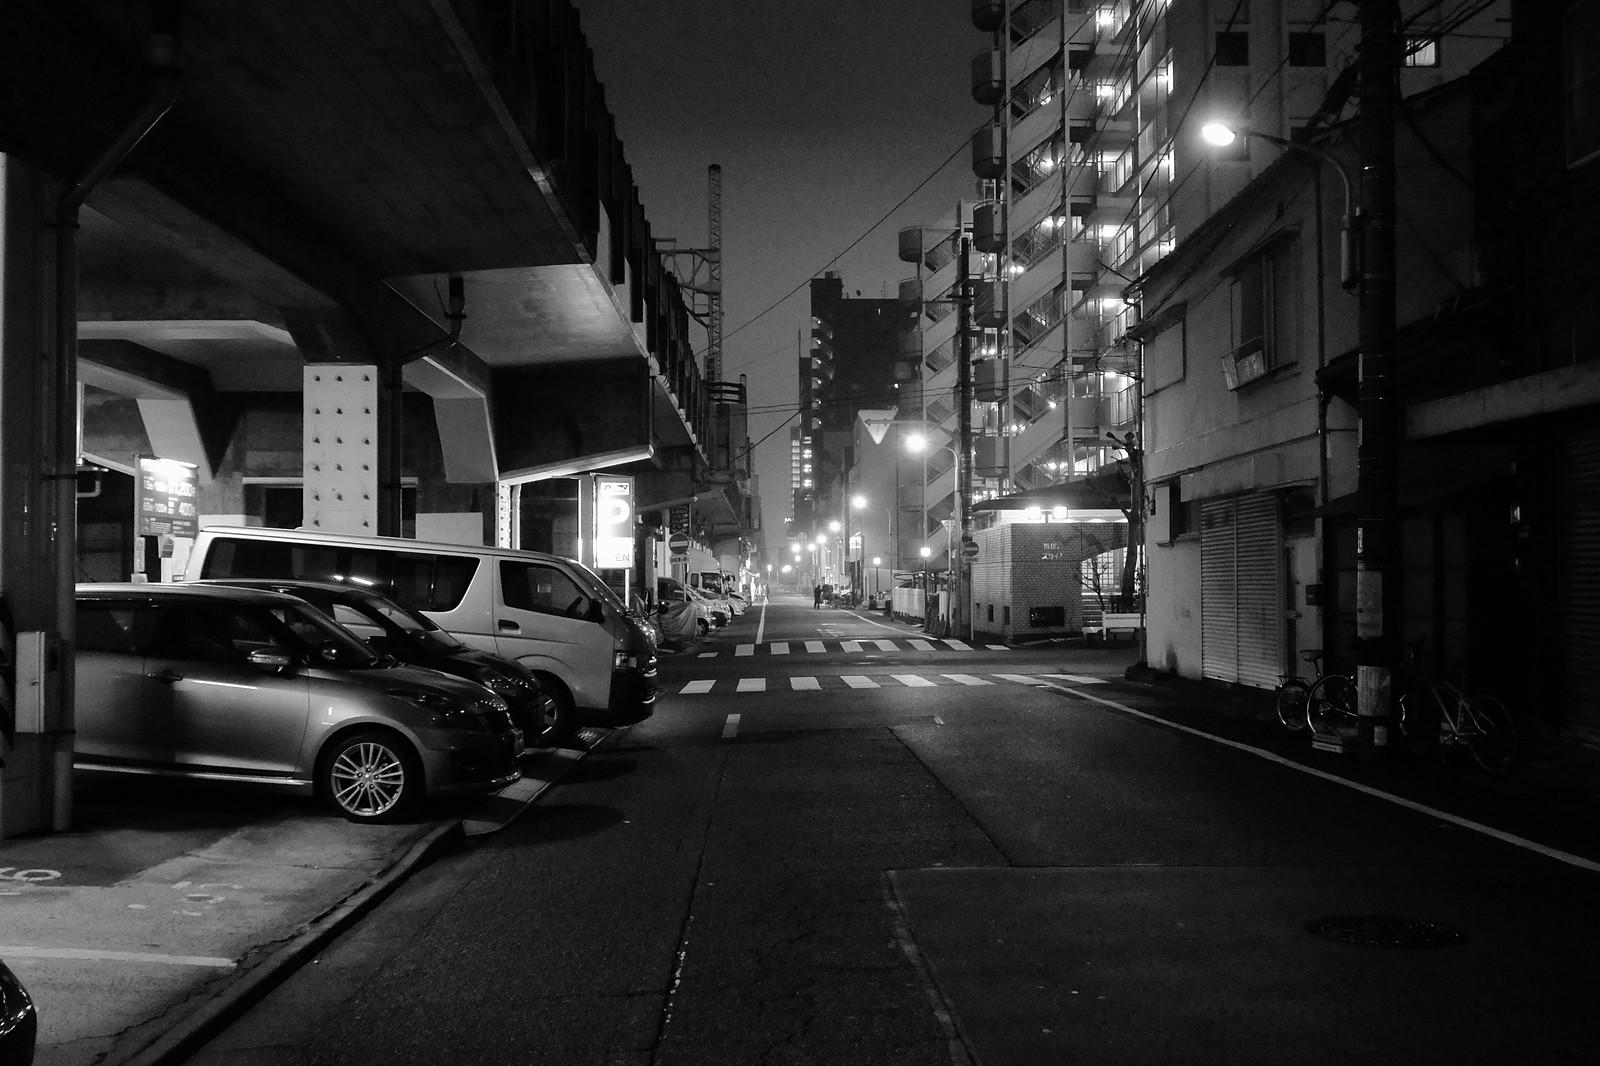 Sumida-ku Ryogoku Tokyo in Japan.